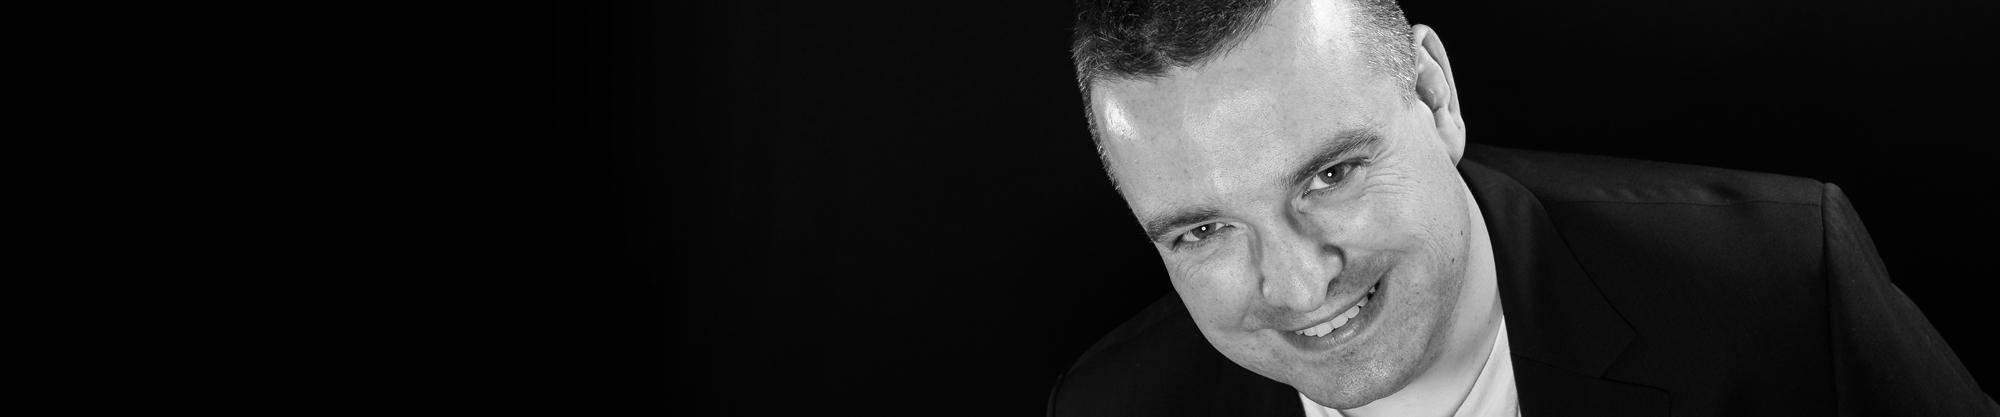 Event und Hochzeits DJ Christian Libor aus Berlin